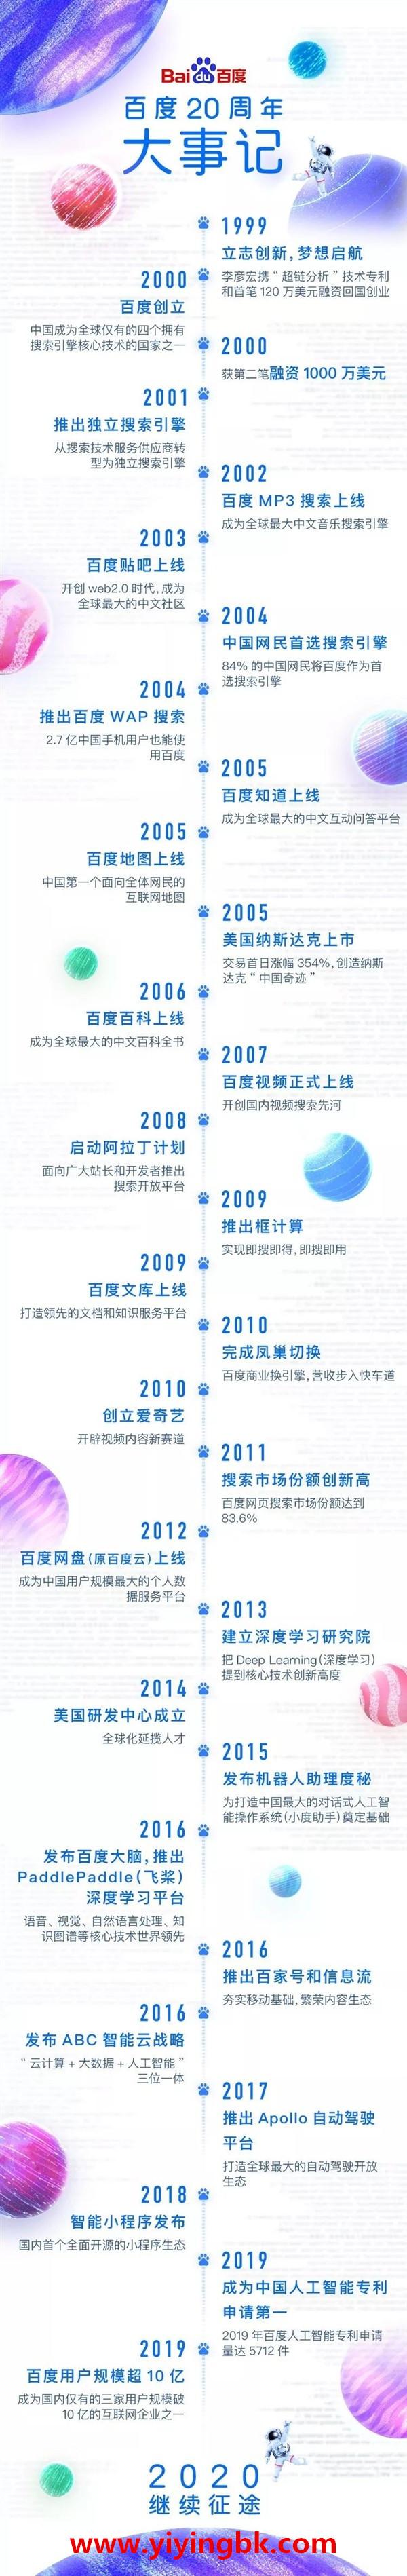 不止是中国最大搜索引擎,一图回顾百度20年大事记!